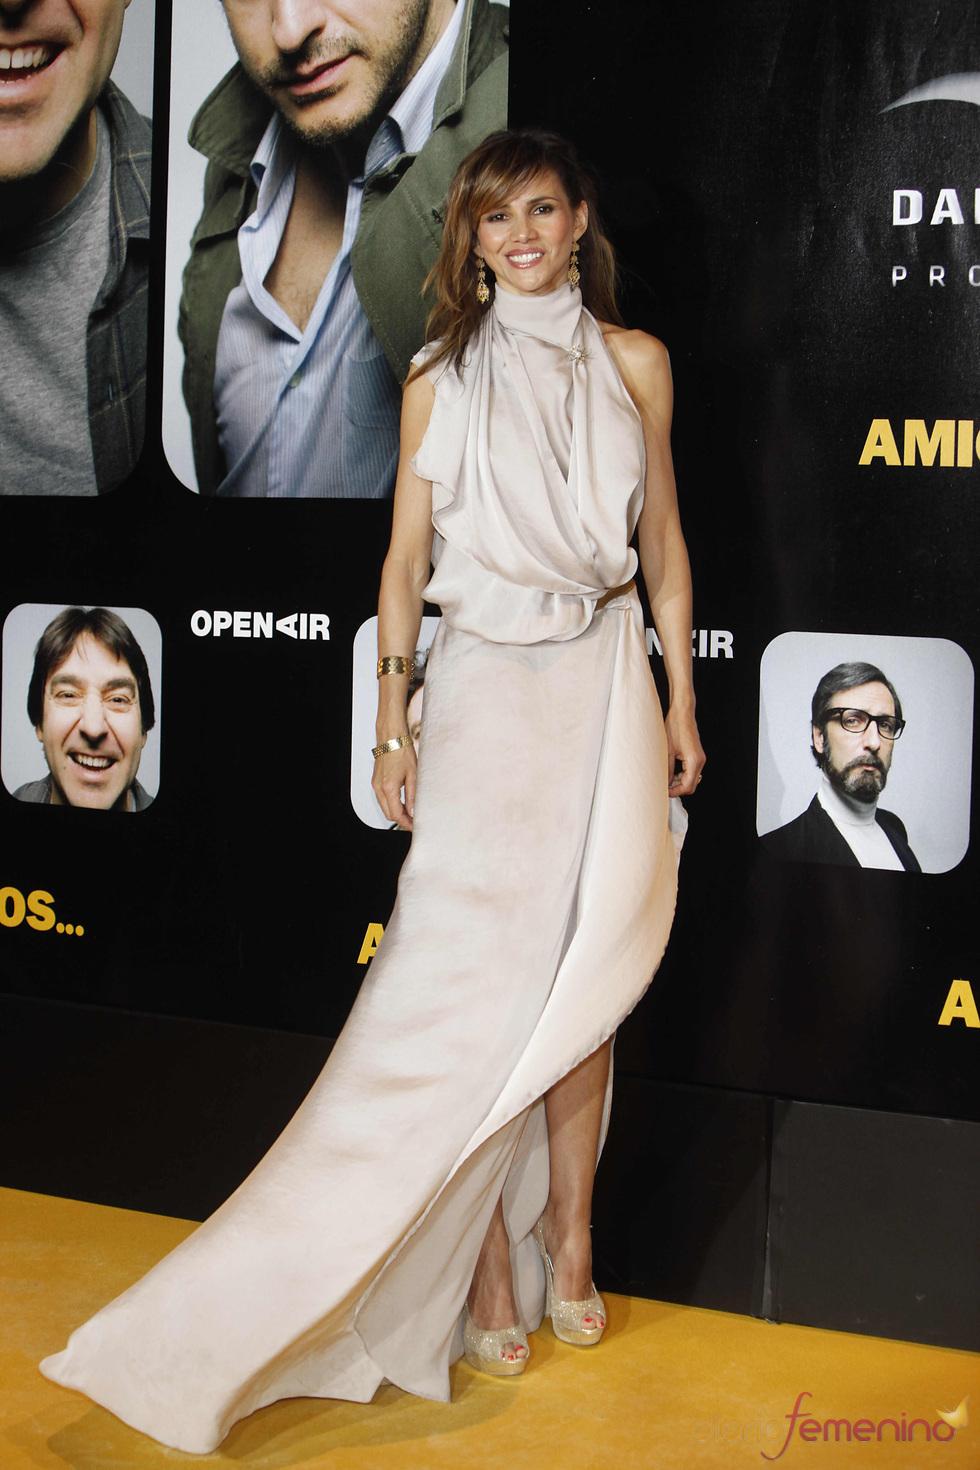 Goya Toledo en el estreno de la película 'Amigos'